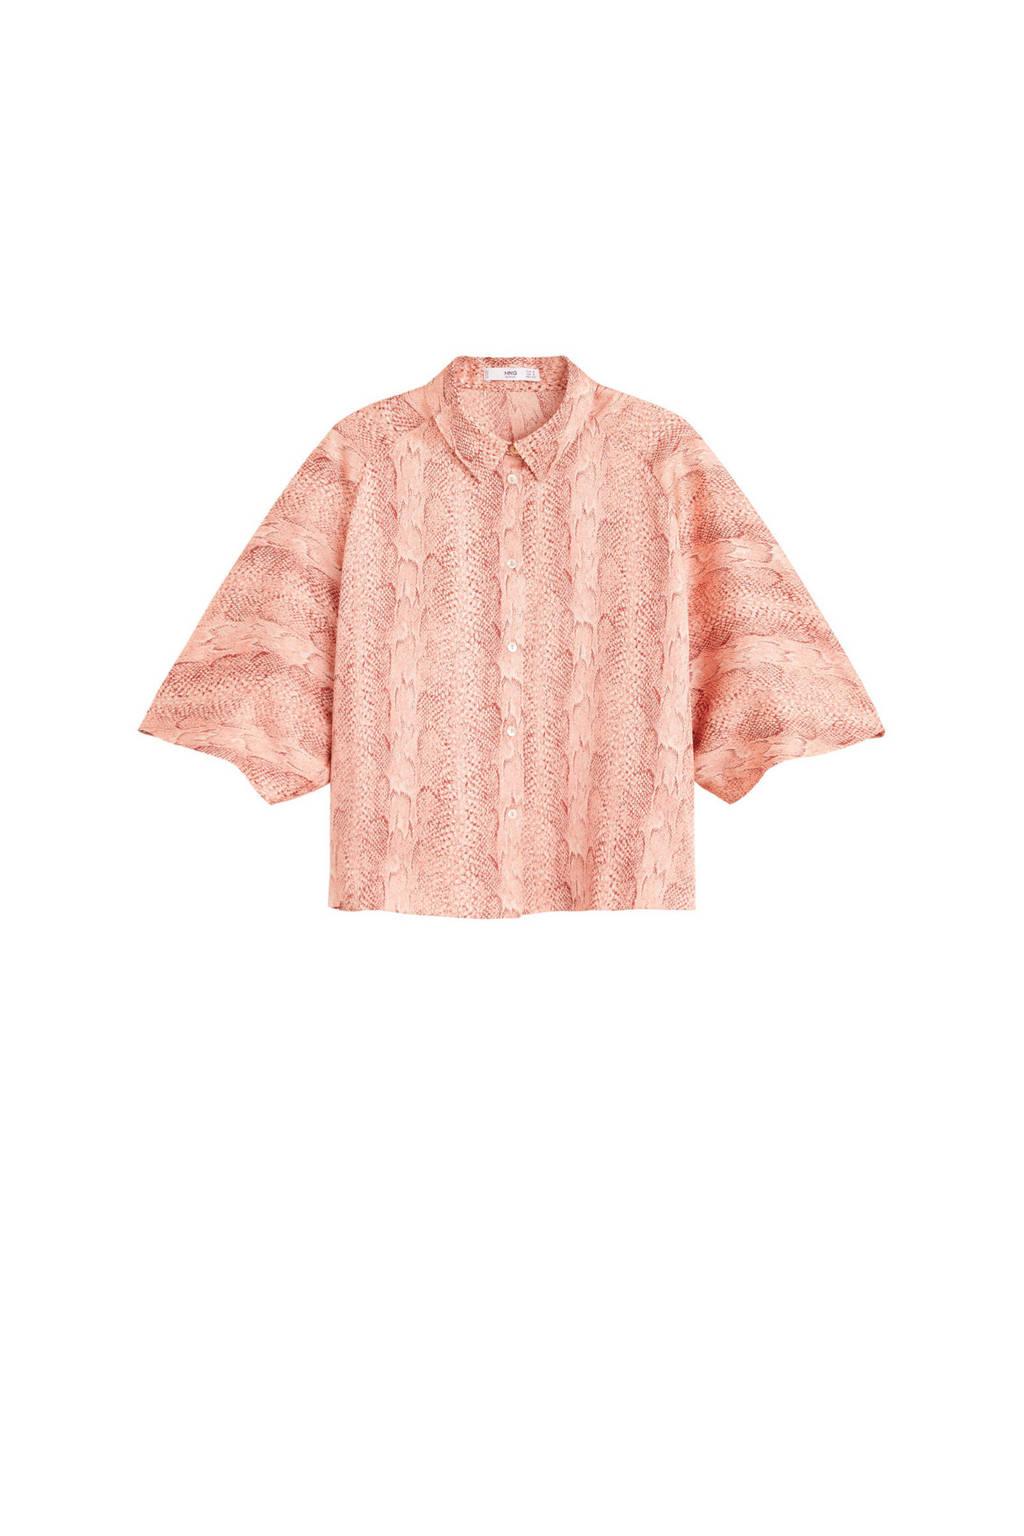 Mango korte satijnen blouse met slangenprint, Roze